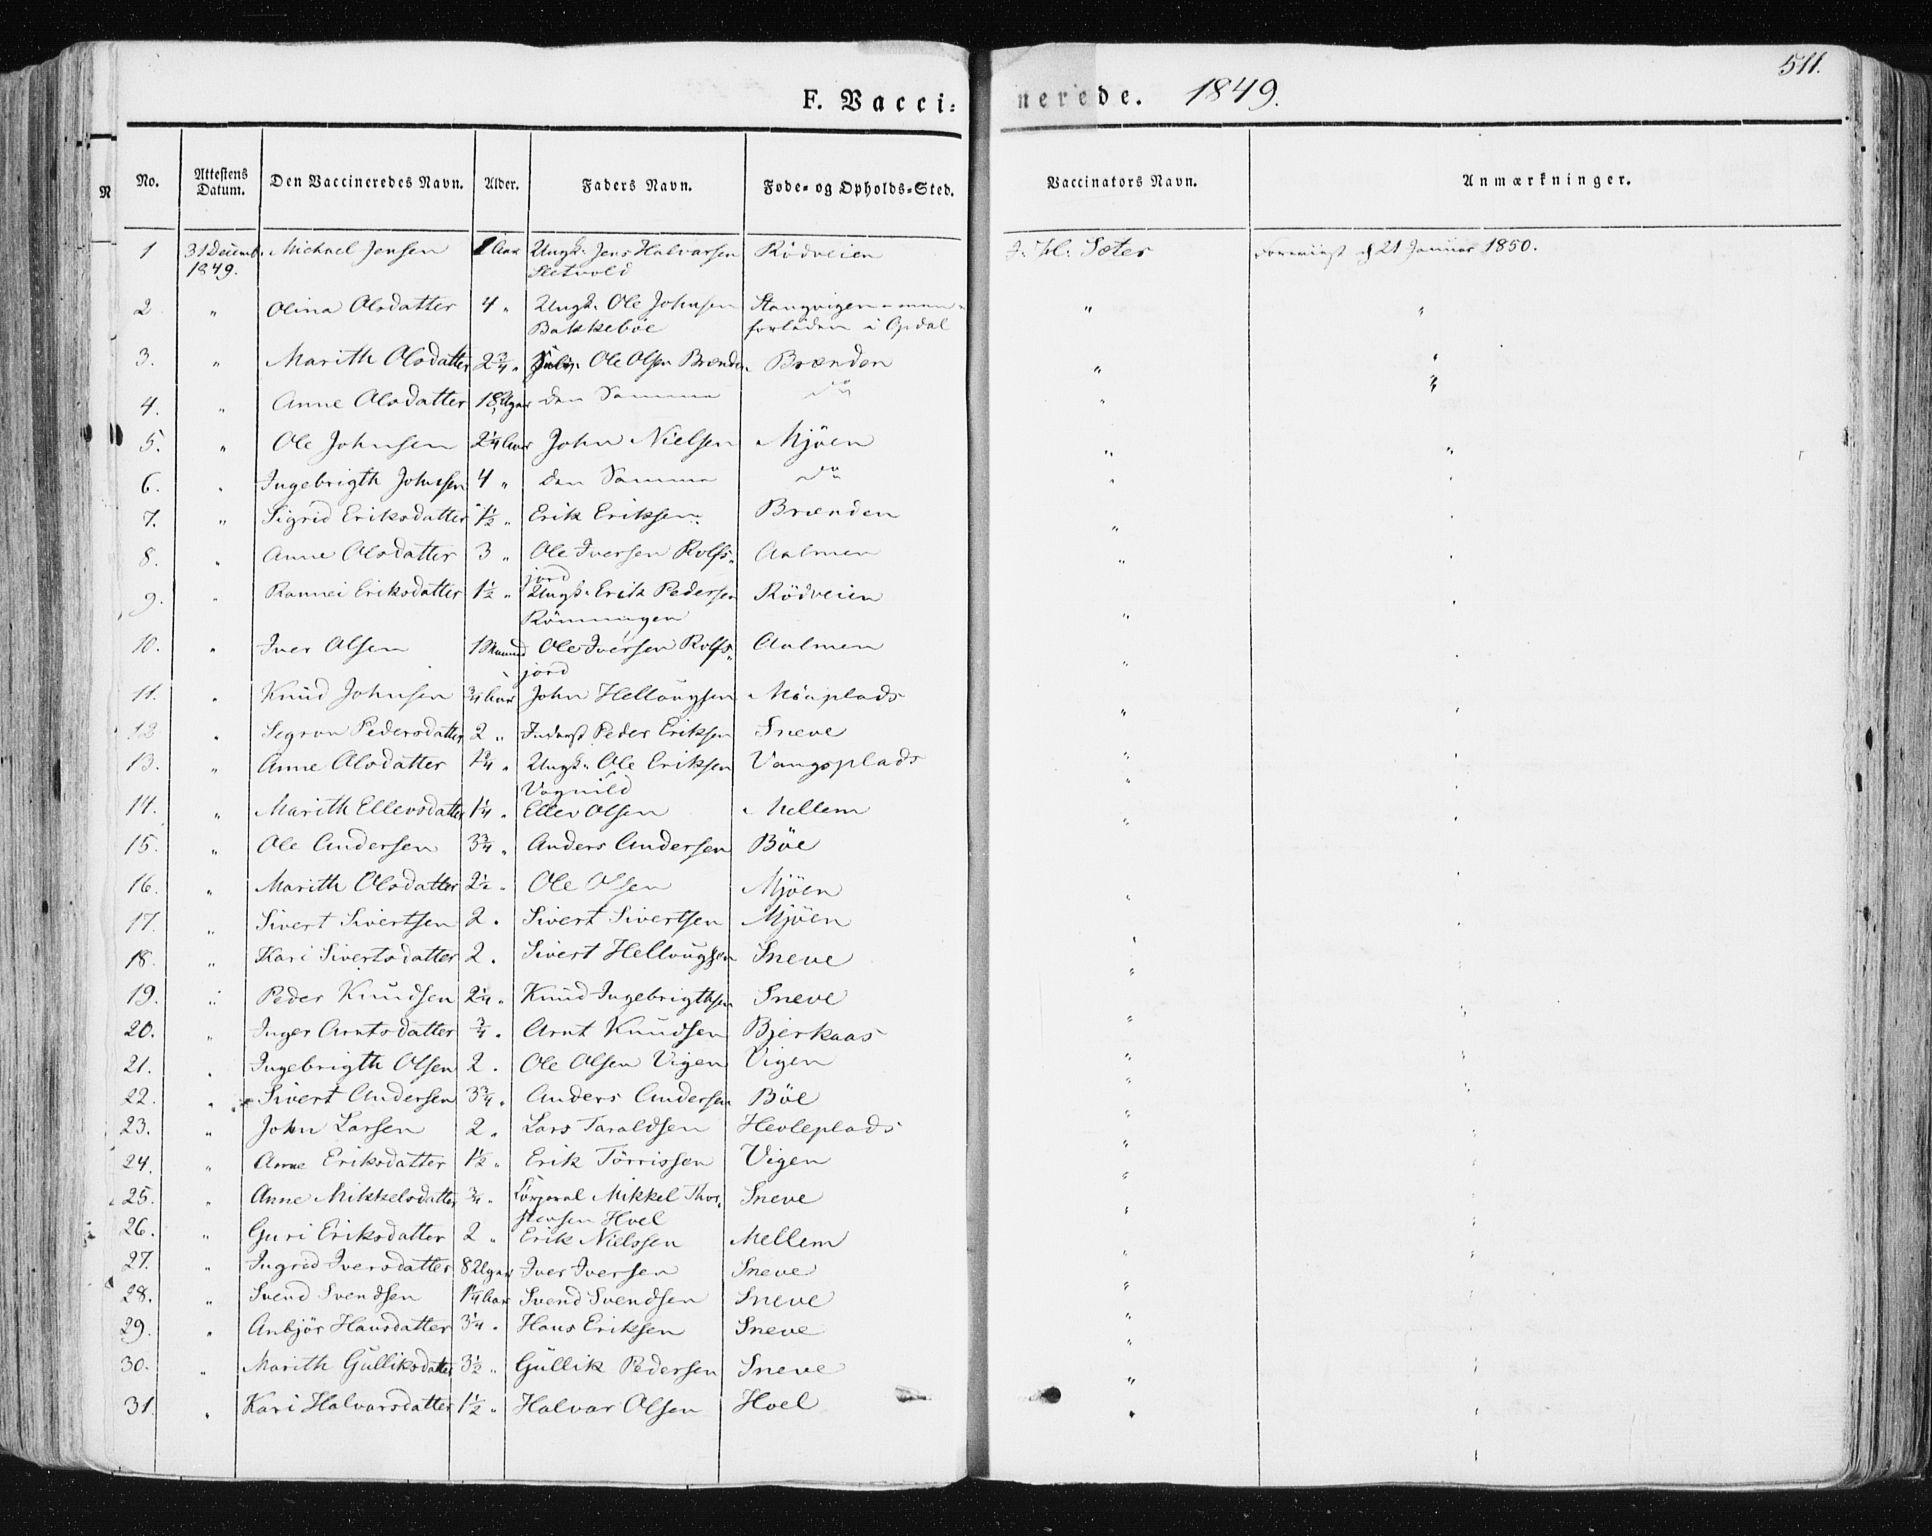 SAT, Ministerialprotokoller, klokkerbøker og fødselsregistre - Sør-Trøndelag, 678/L0899: Ministerialbok nr. 678A08, 1848-1872, s. 511